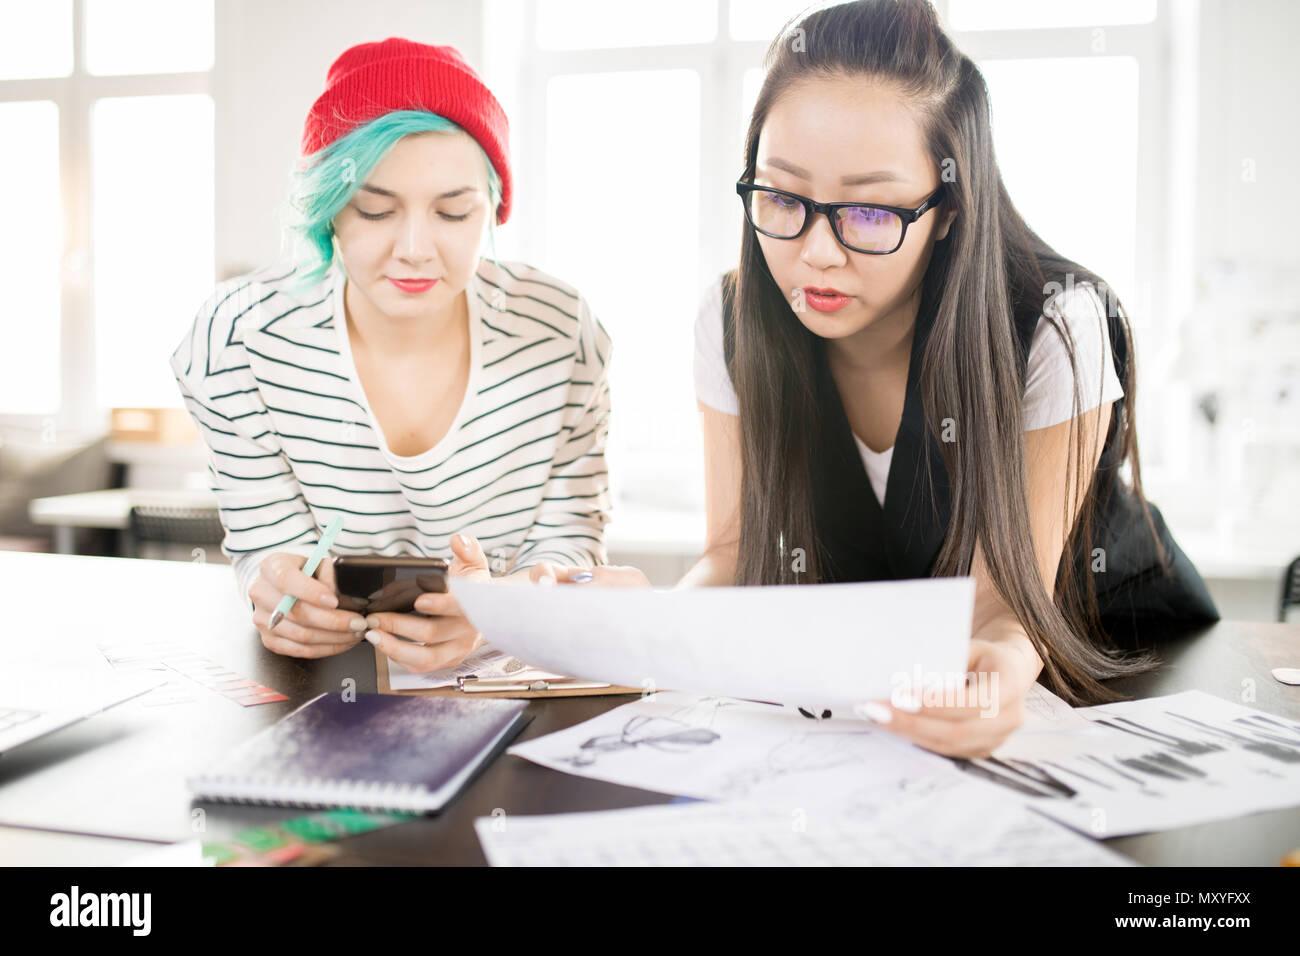 Retrato De Dos Mujeres Jóvenes Creativos Trabajan En Diseño De Moda